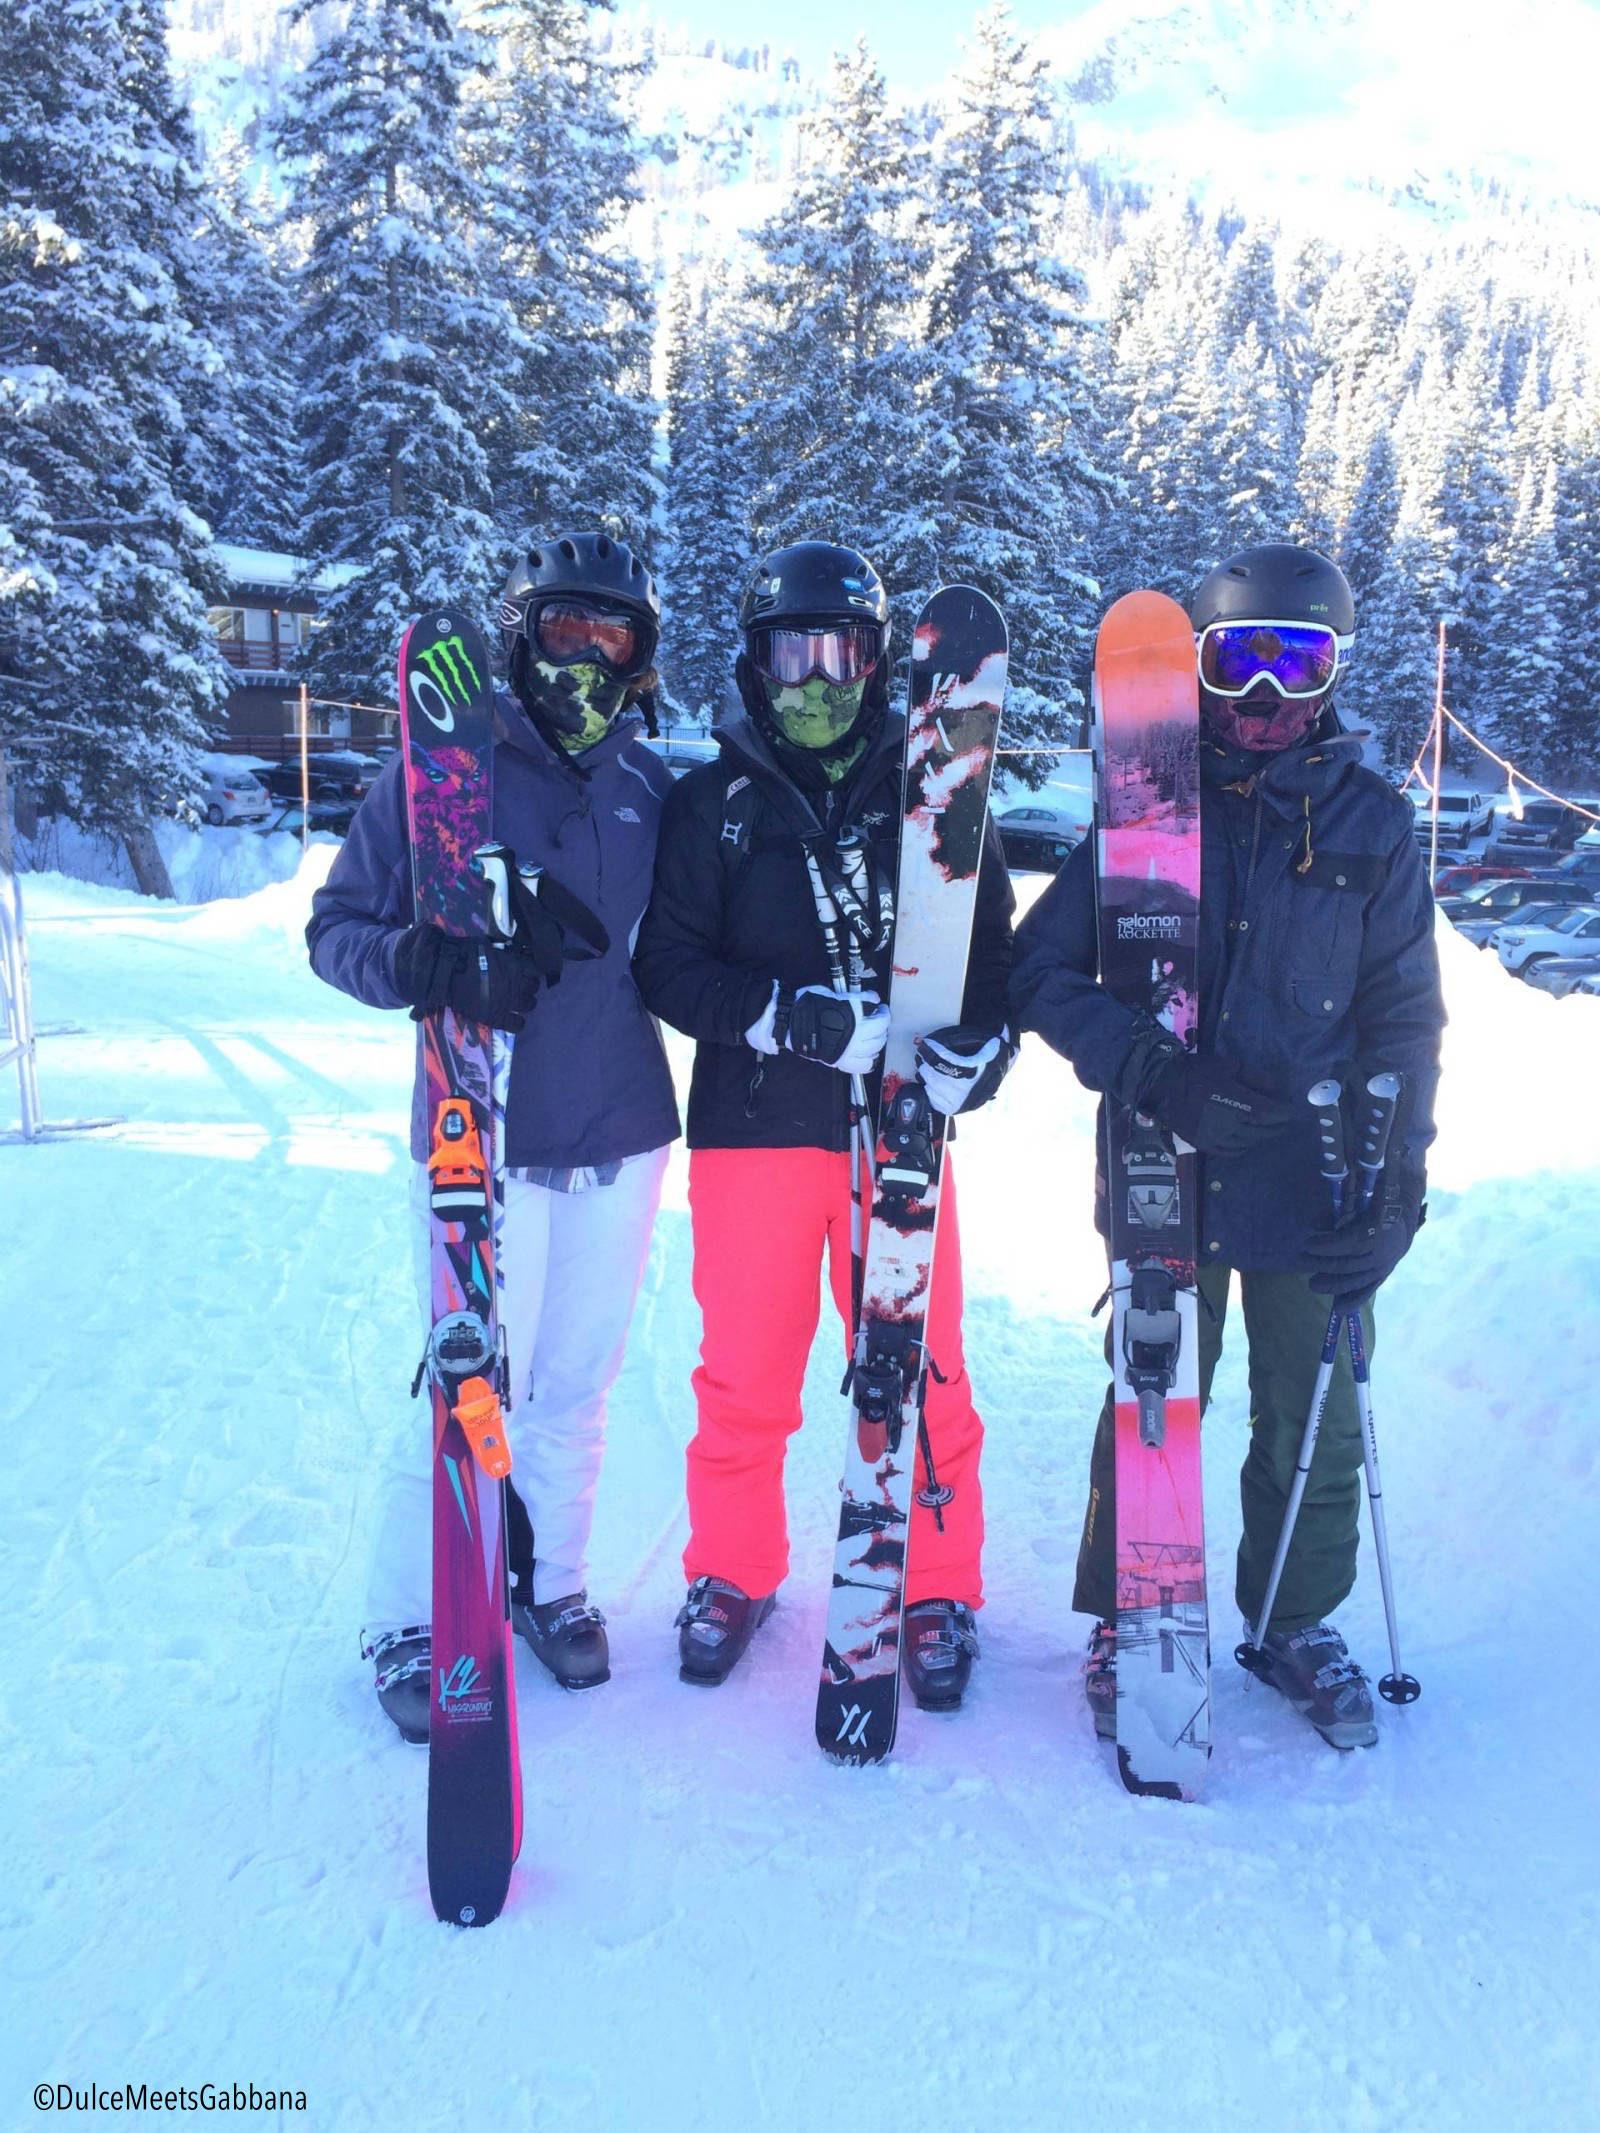 Three_skiers_Fotor